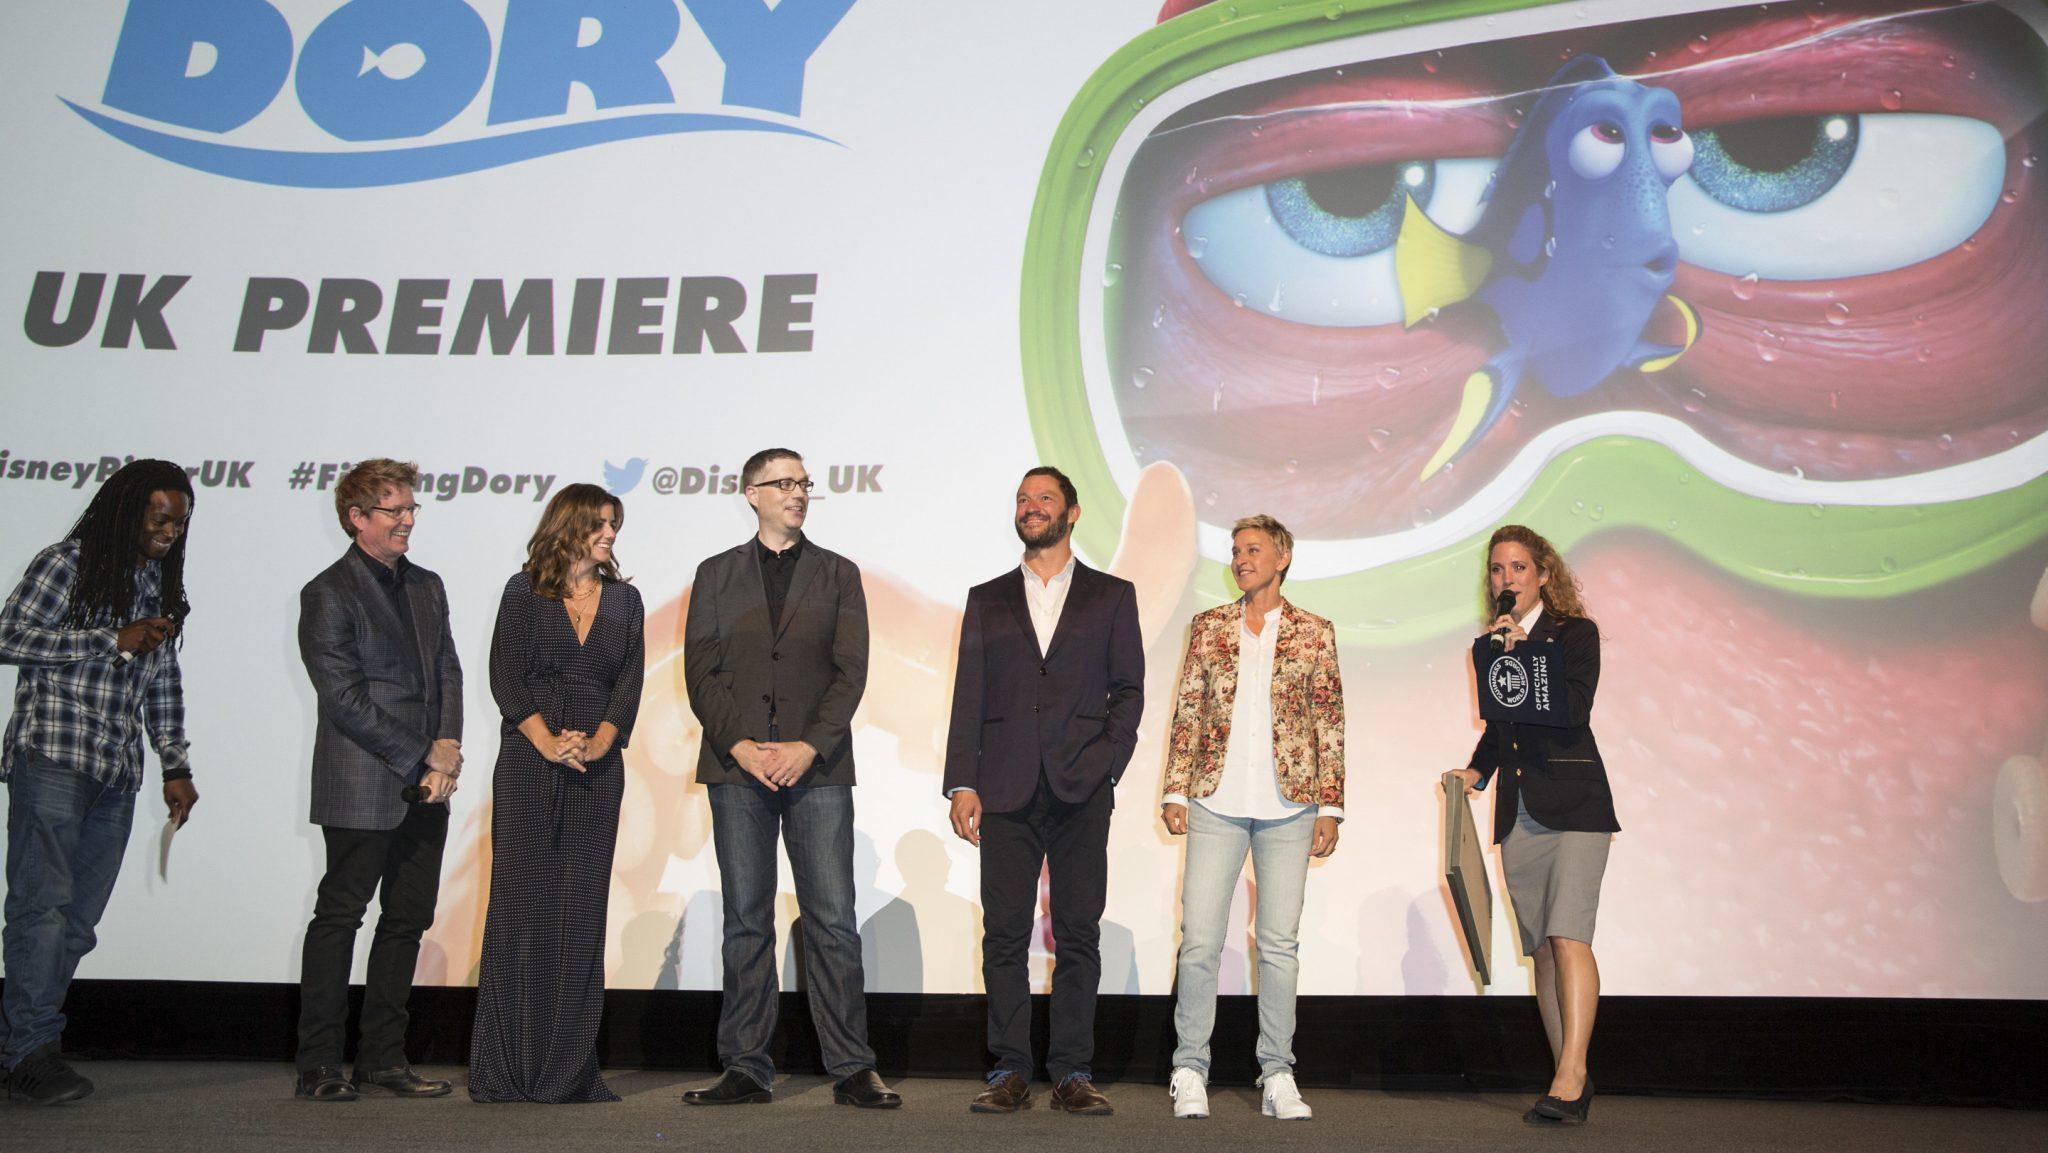 Nigel Clarke, Andrew Stanton, Dominic West, and Ellen DeGeneres at the Finding Dory UK Premiere